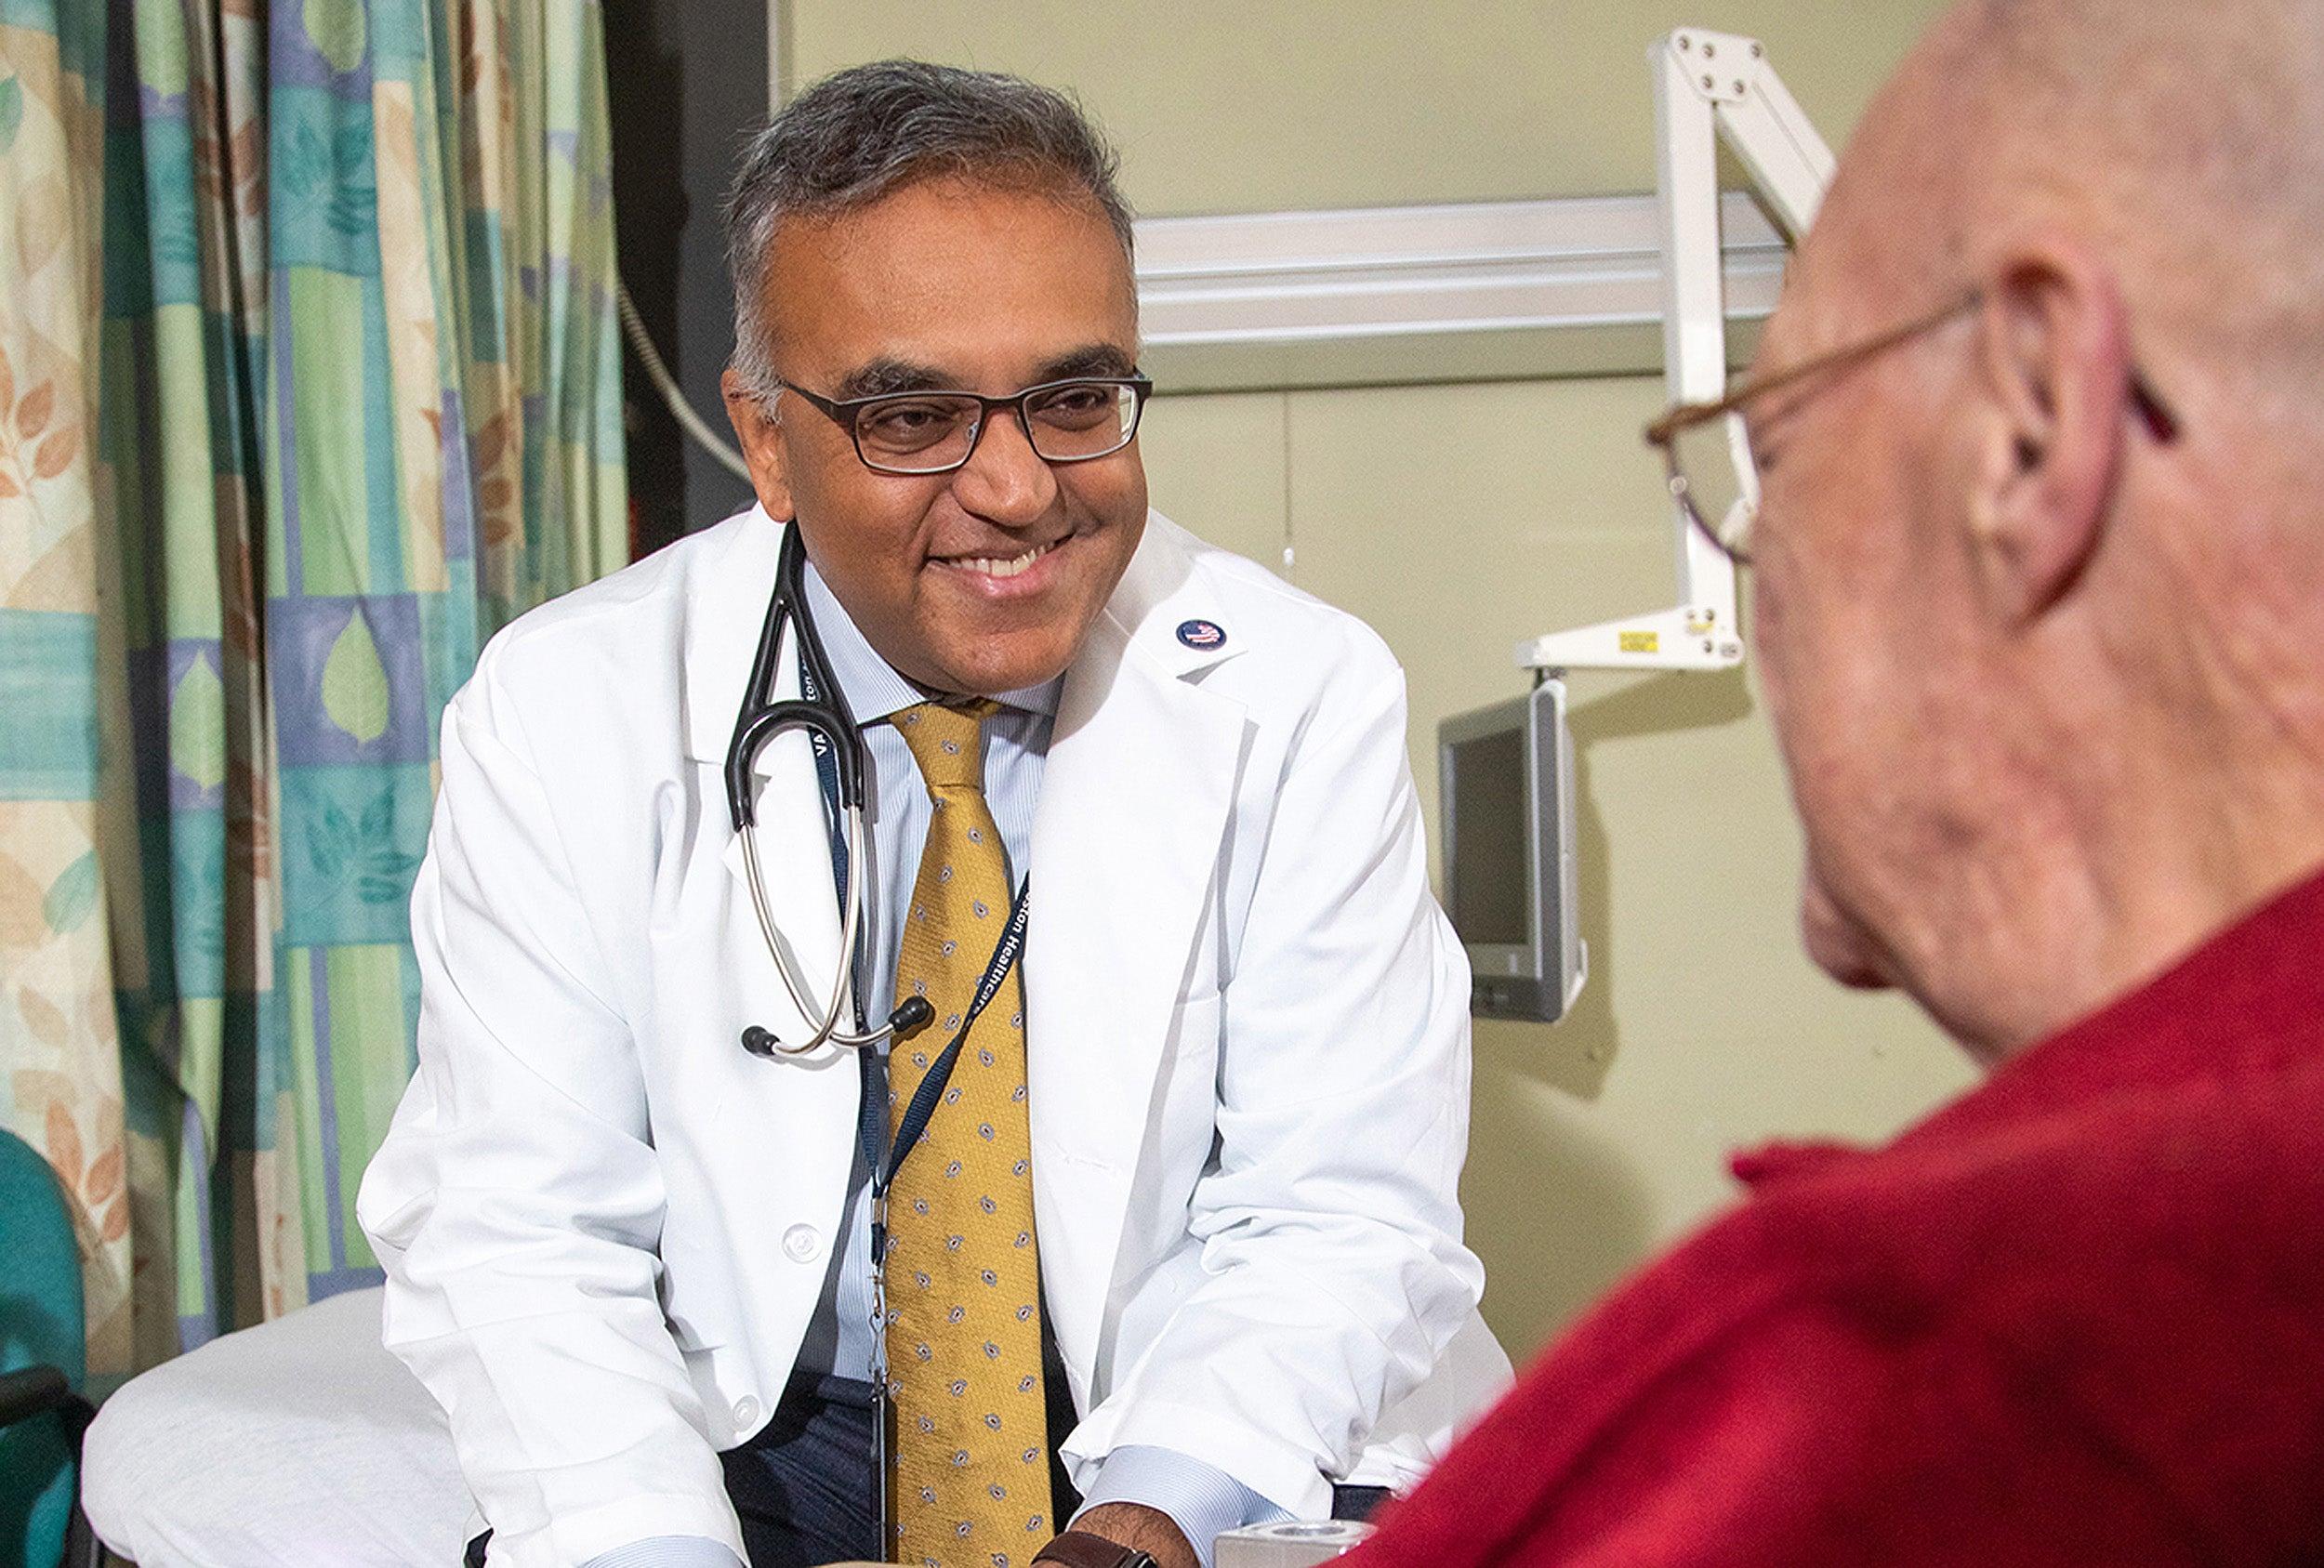 Doctor speaking to patient.